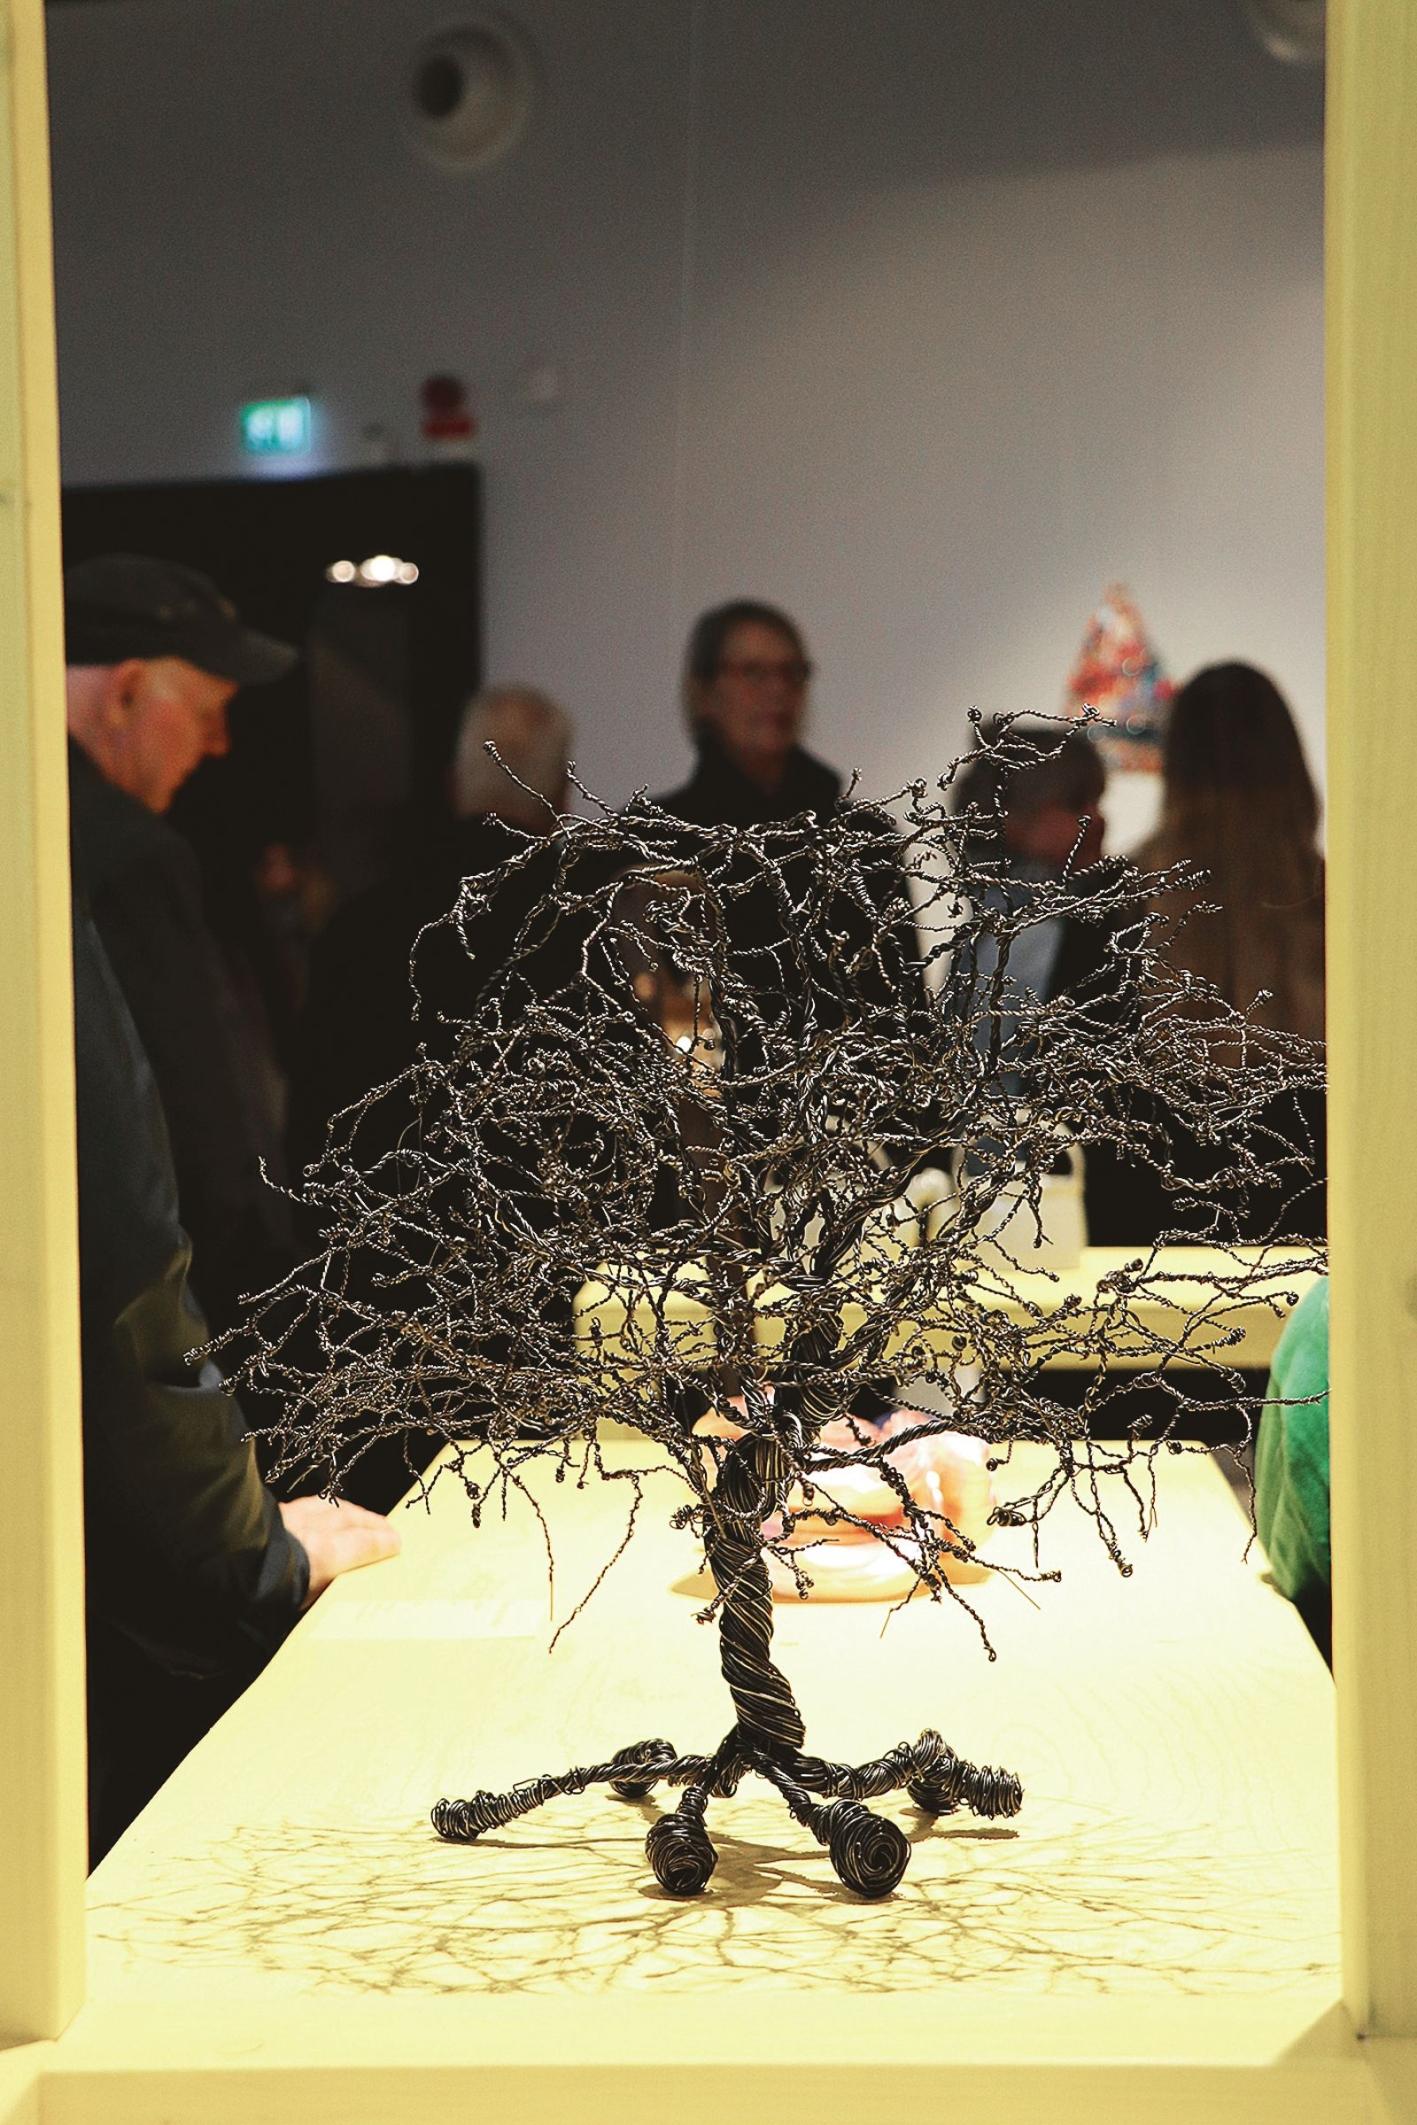 Ann-Sofi Karlssons Livsträd i järntråd är ett av de 67 verk uttagna av en extern jury till årets utställning.